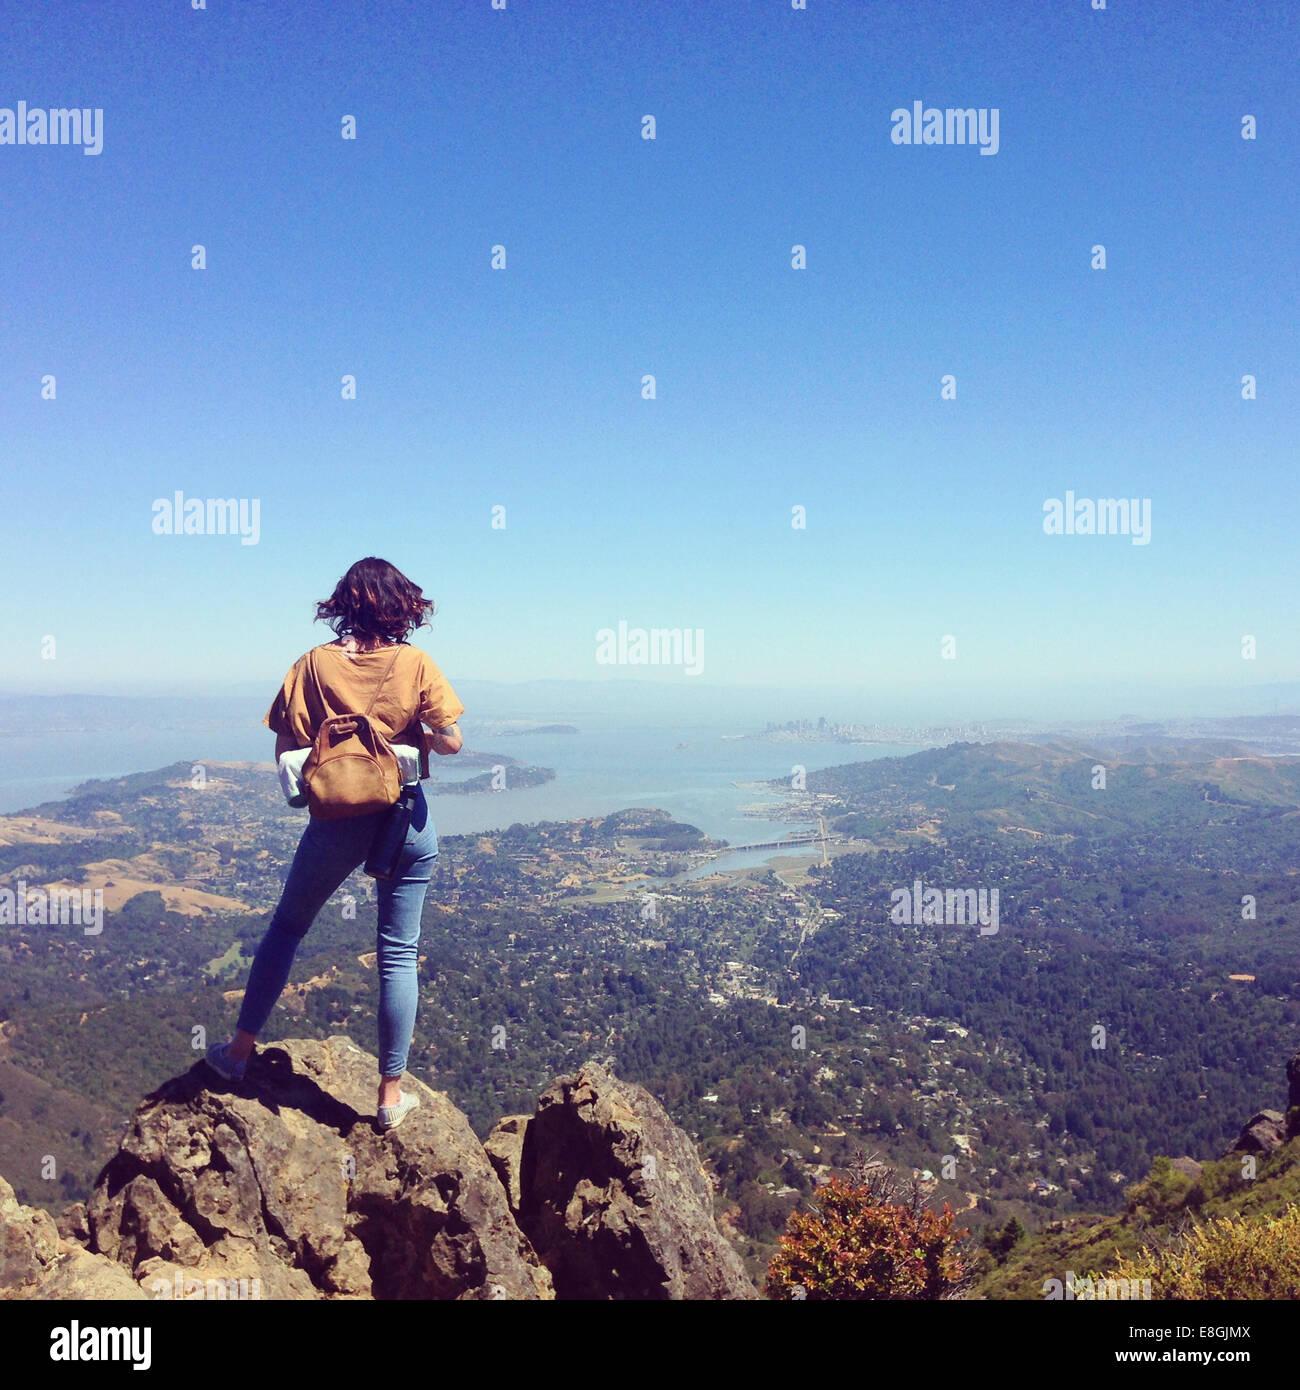 Mujer de pie en el Monte Tamalpais mirando city, San Francisco, California, Estados Unidos, EE.UU. Imagen De Stock